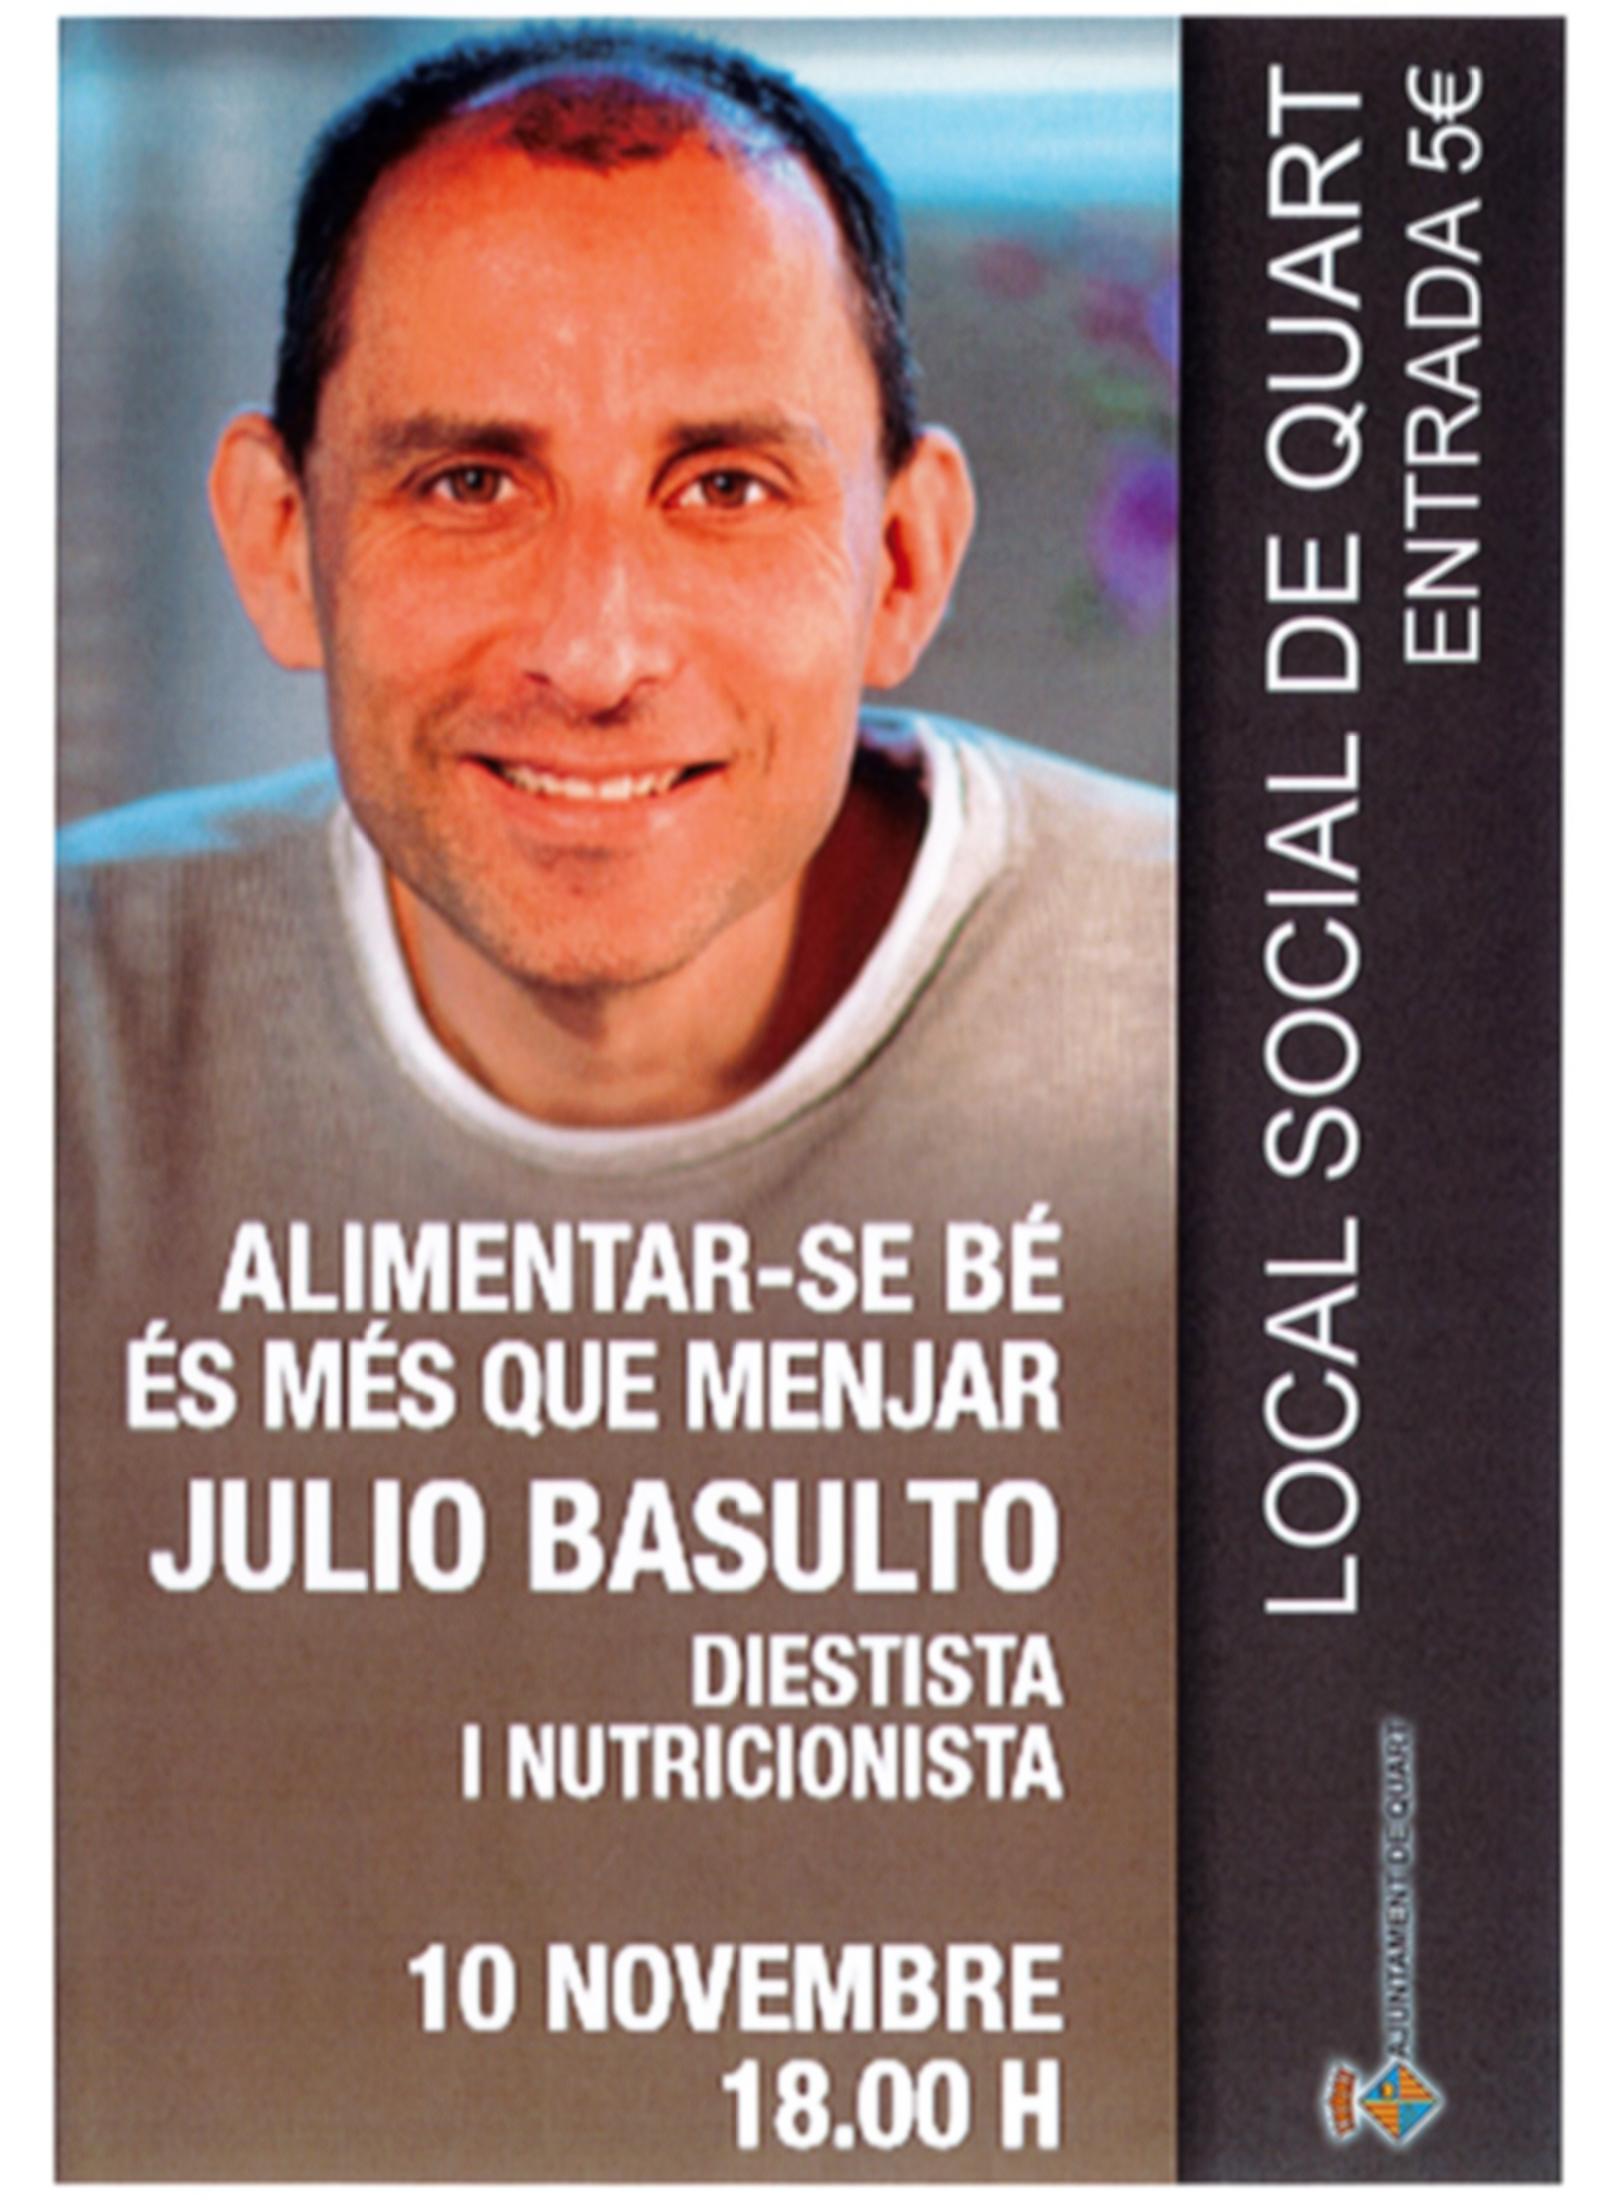 Alimentar-se bé és més que menjar (charla en Quart, Girona)